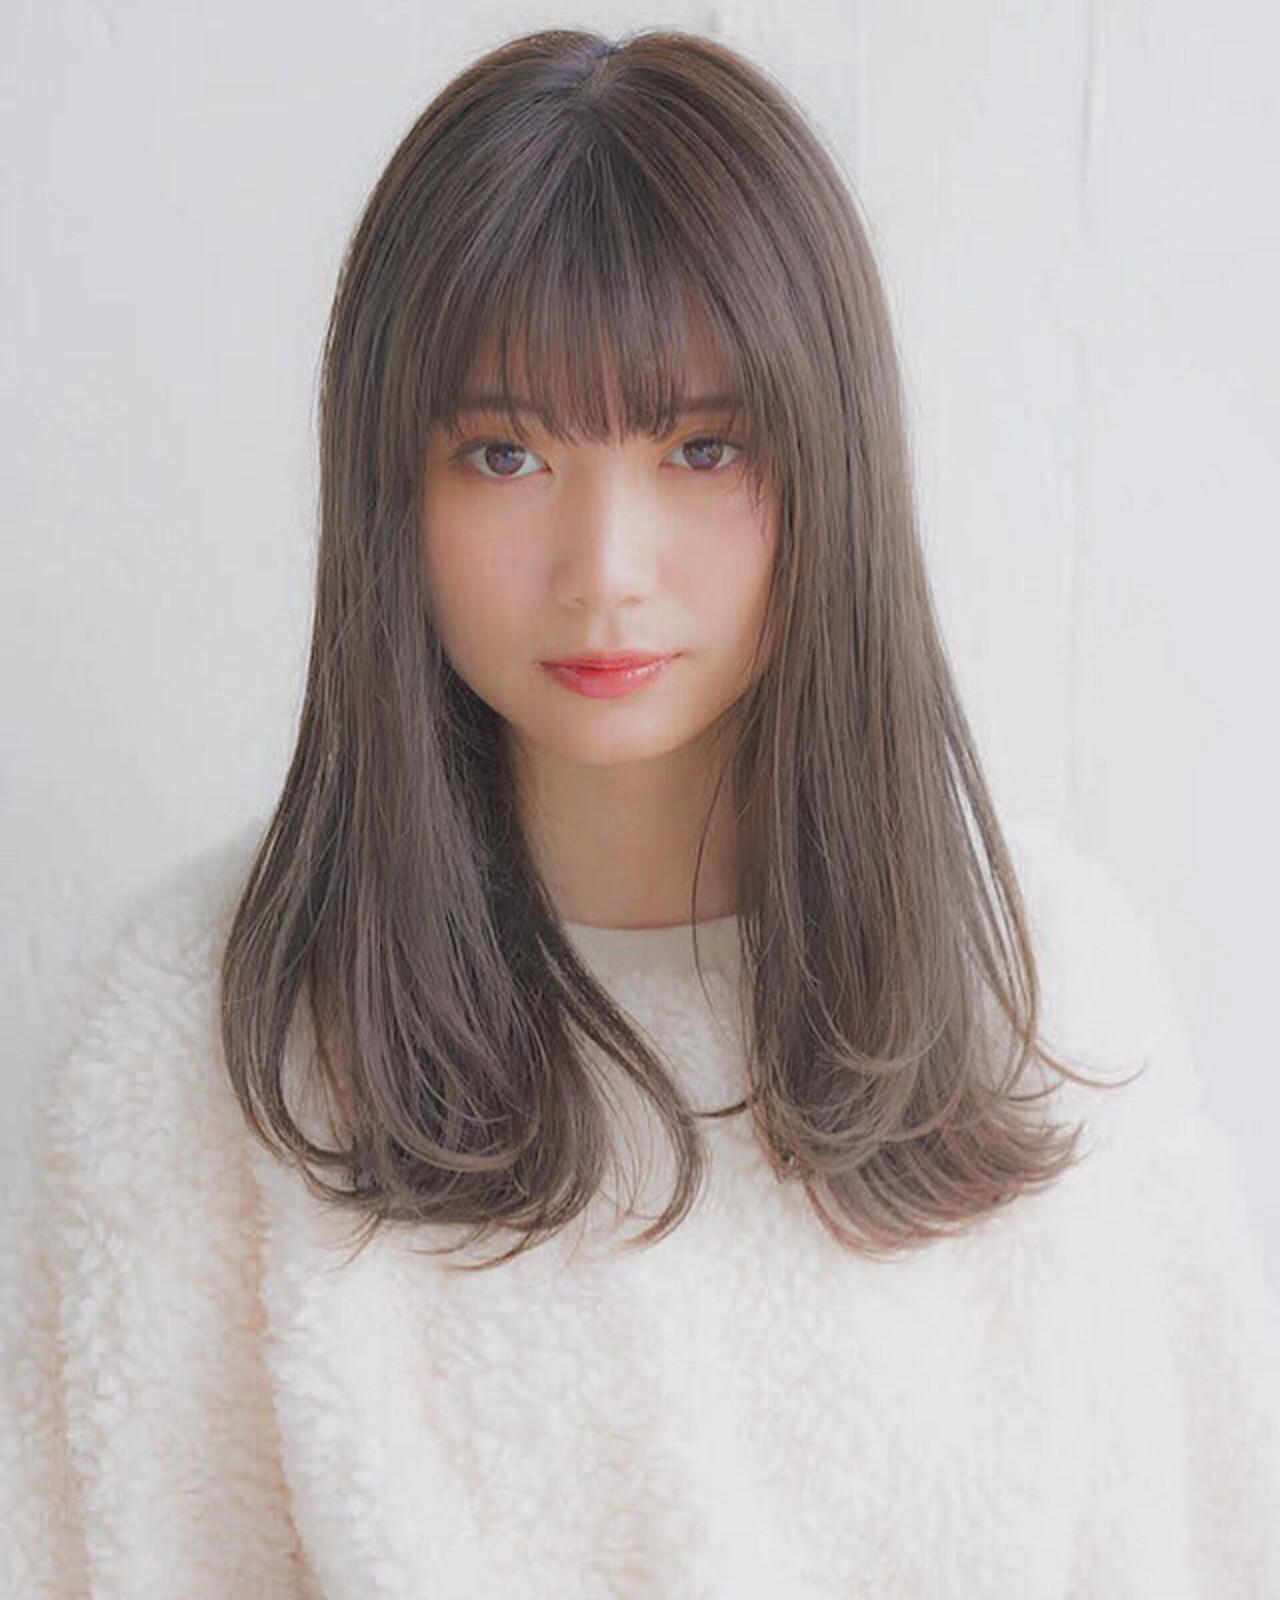 束感×ぱっつん前髪で大人可愛く 竹澤 優/relian銀座Top stylist